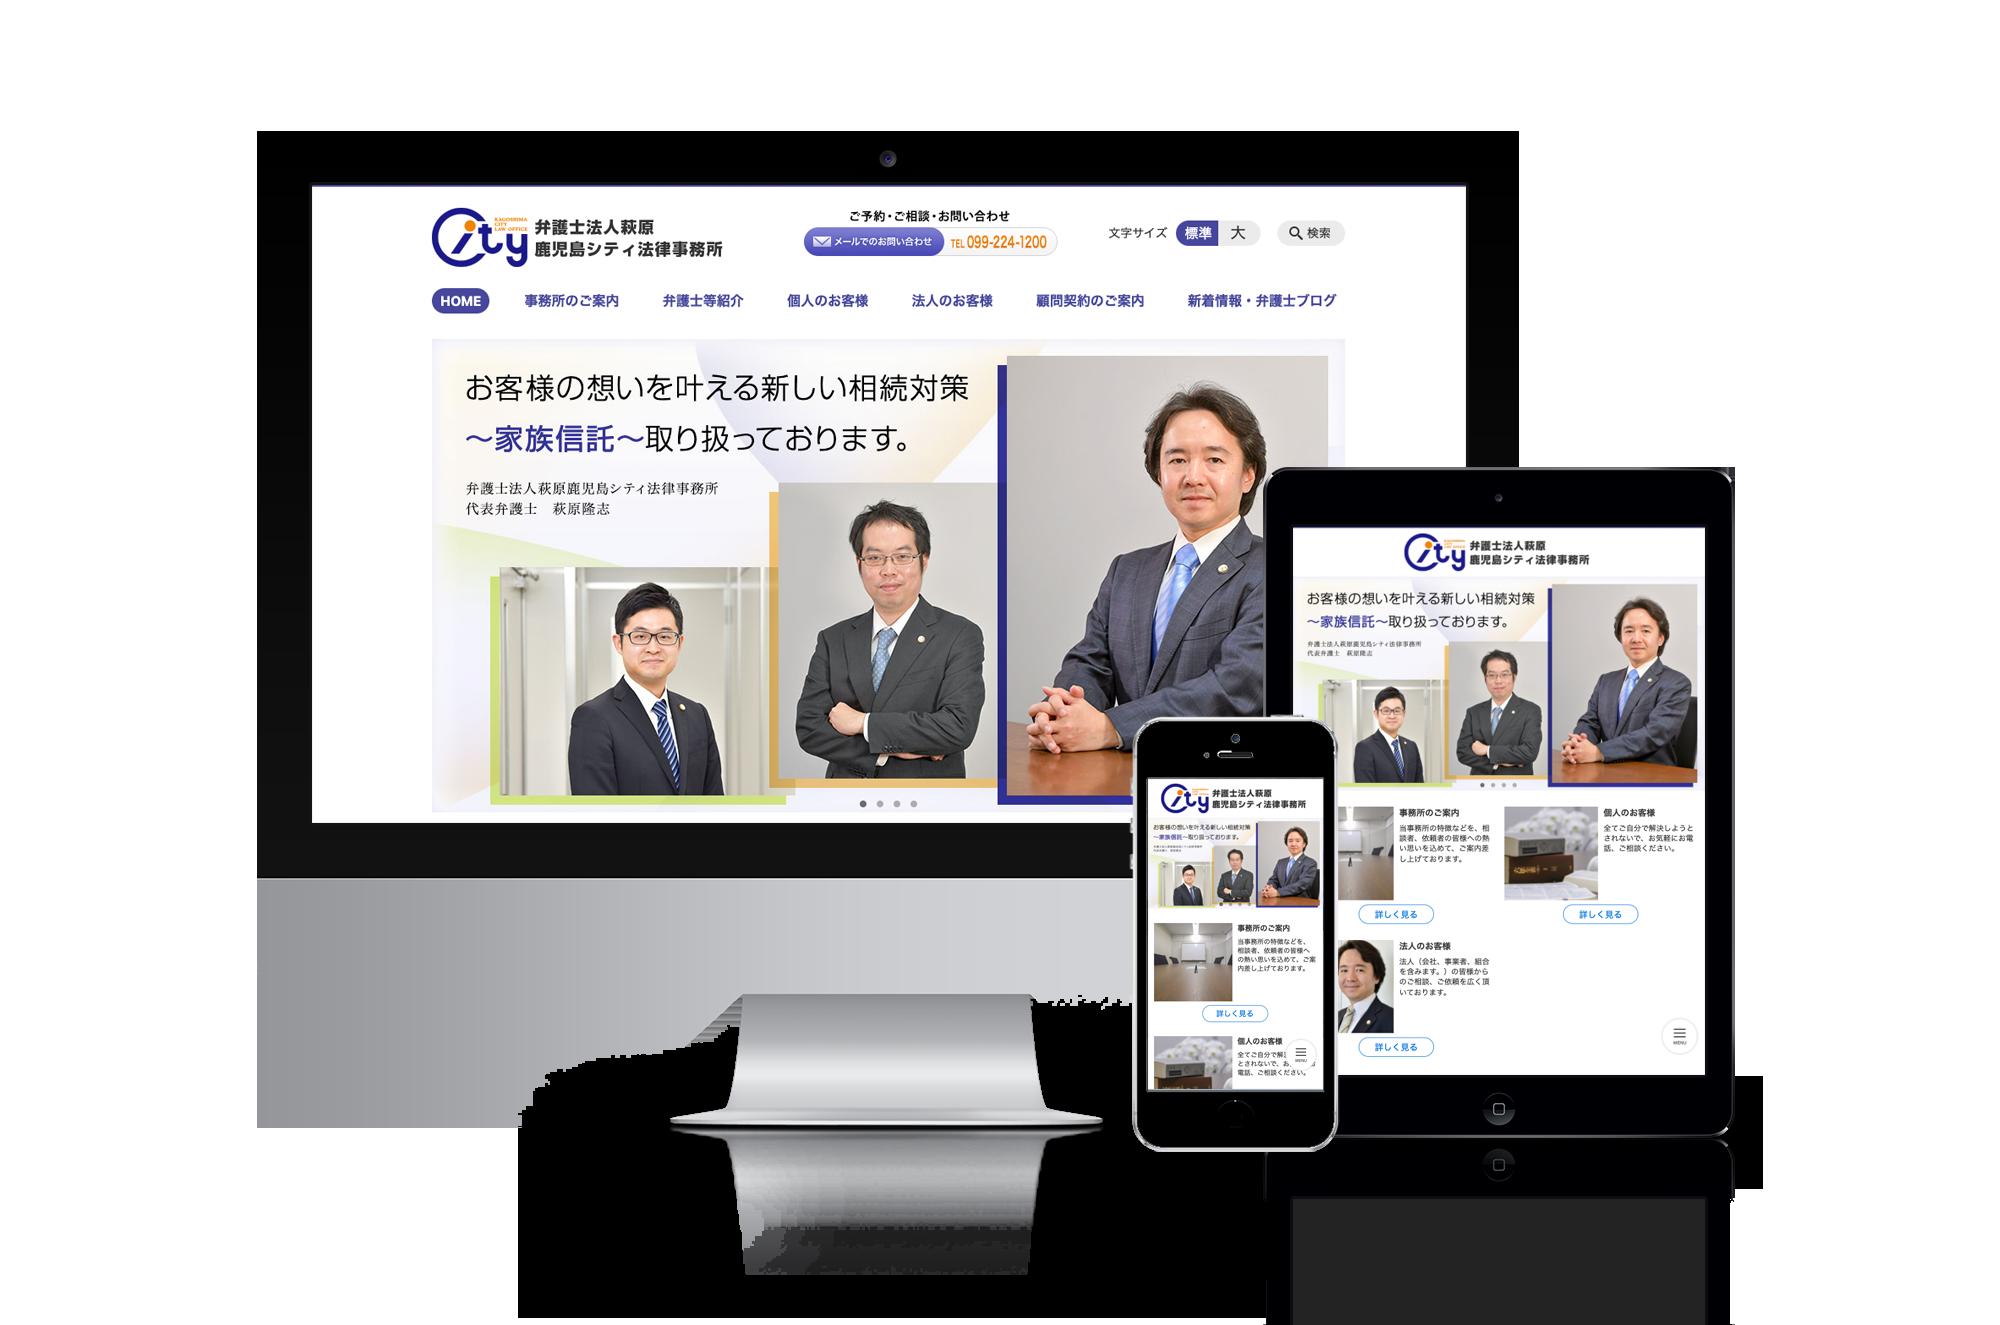 セレサイト制作実績「弁護士法人萩原 鹿児島シティ法律事務所」